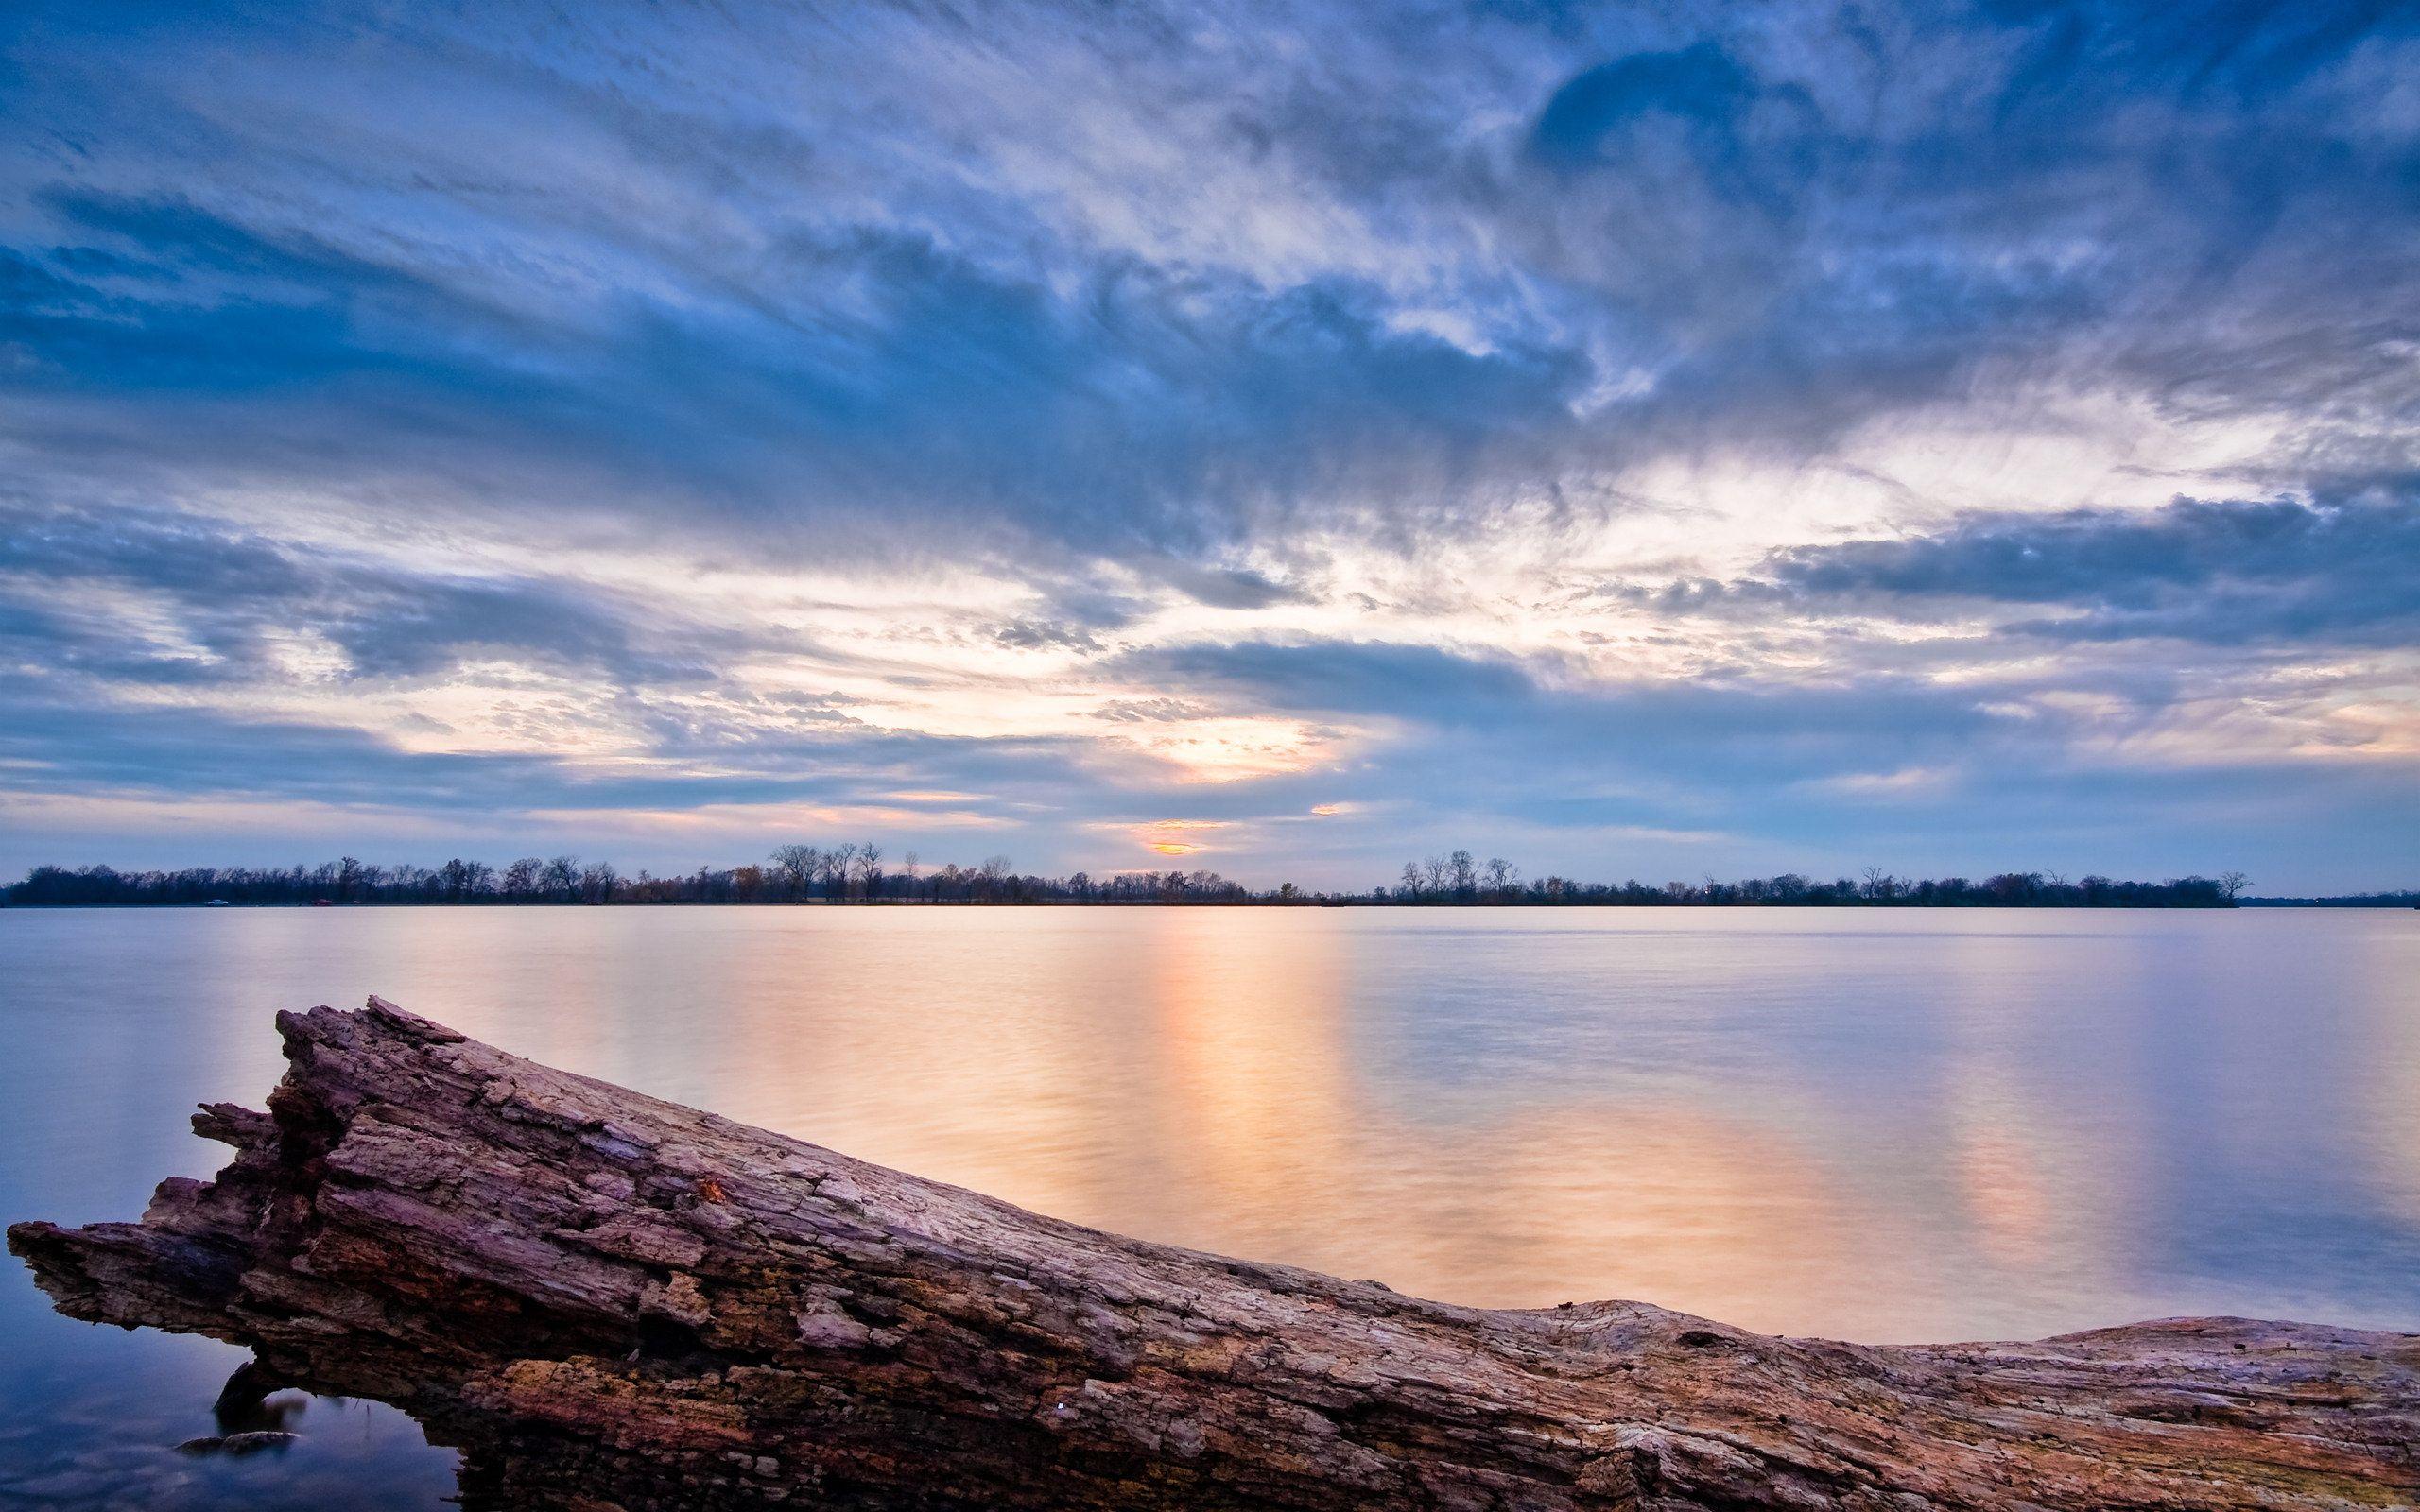 Ipad Hd Wallpaper Nature: Sunset And A Beautiful Lake